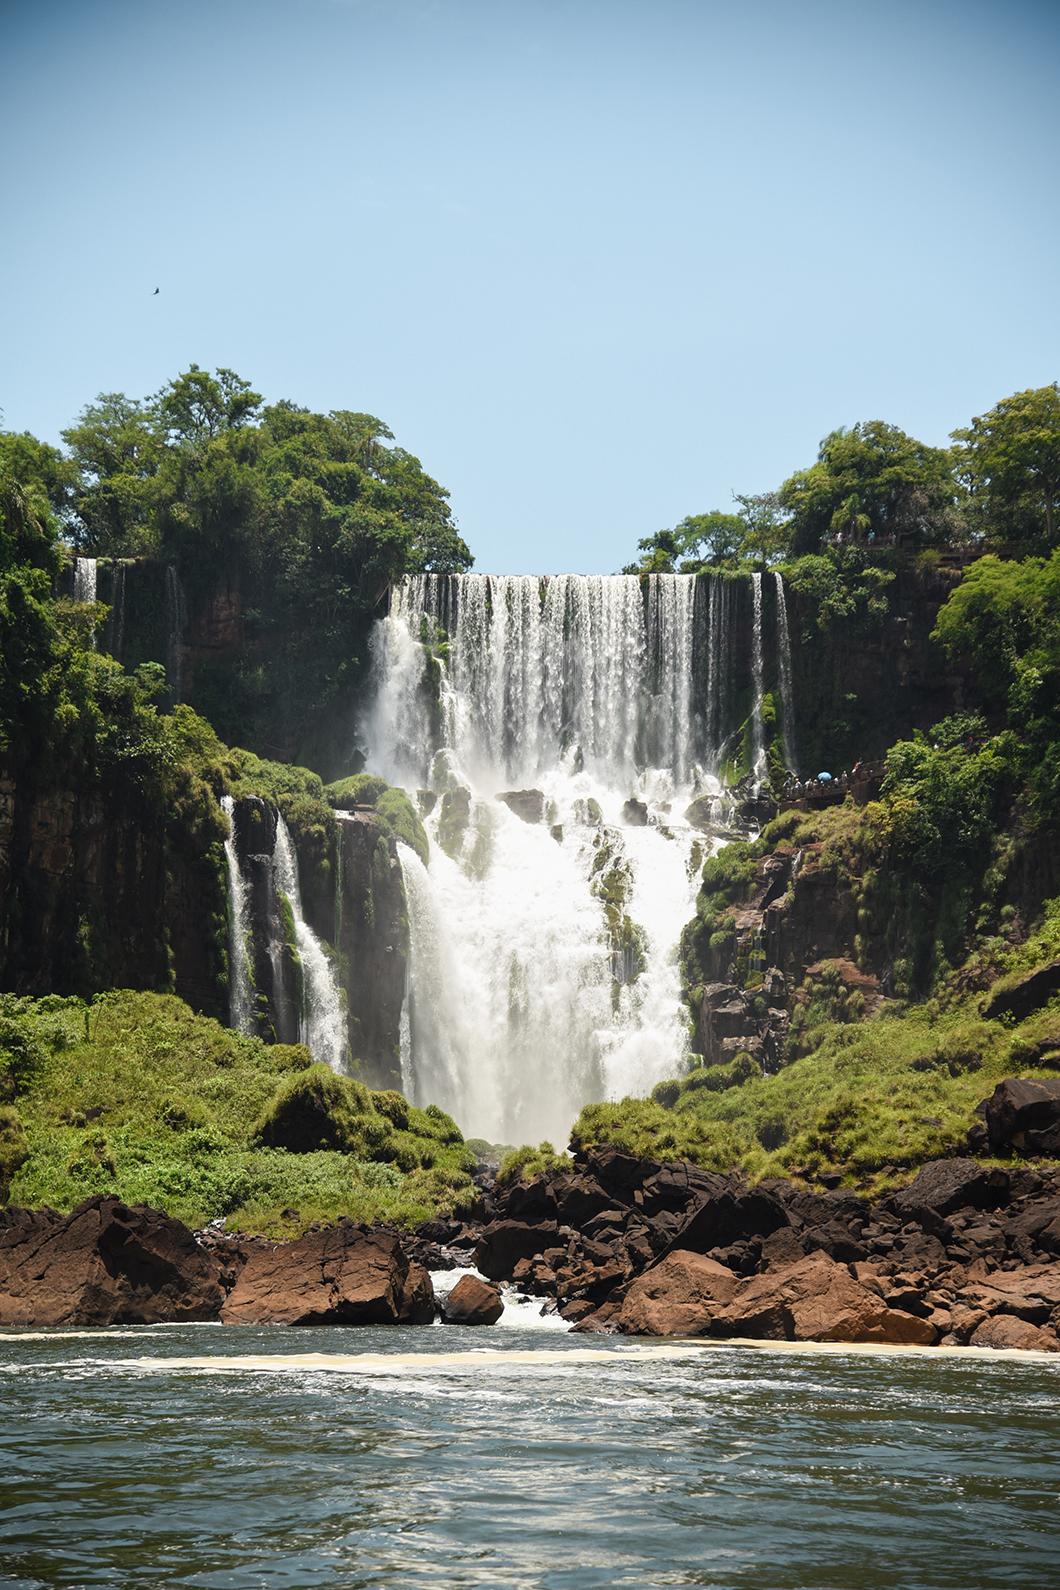 Les meilleurs spots aux chutes d'Iguazu en Argentine